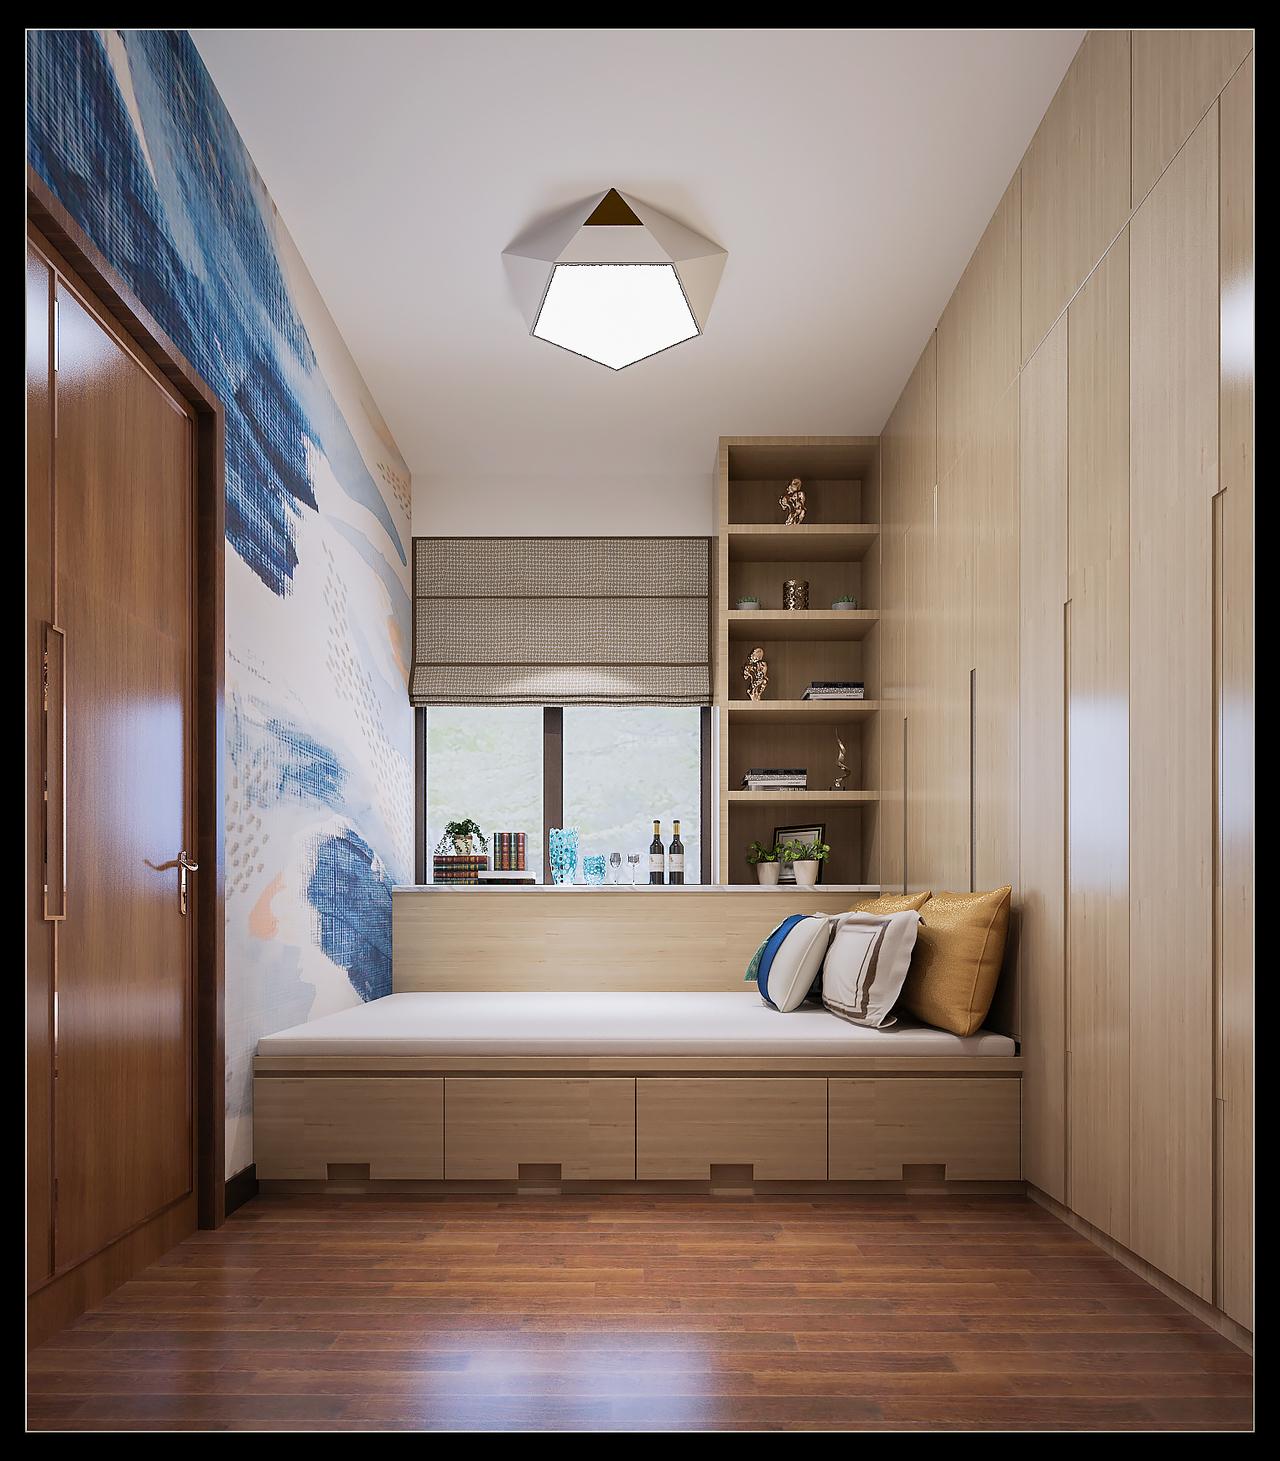 中天未来方舟轻奢新中式,轻奢,单身公寓,150.0㎡